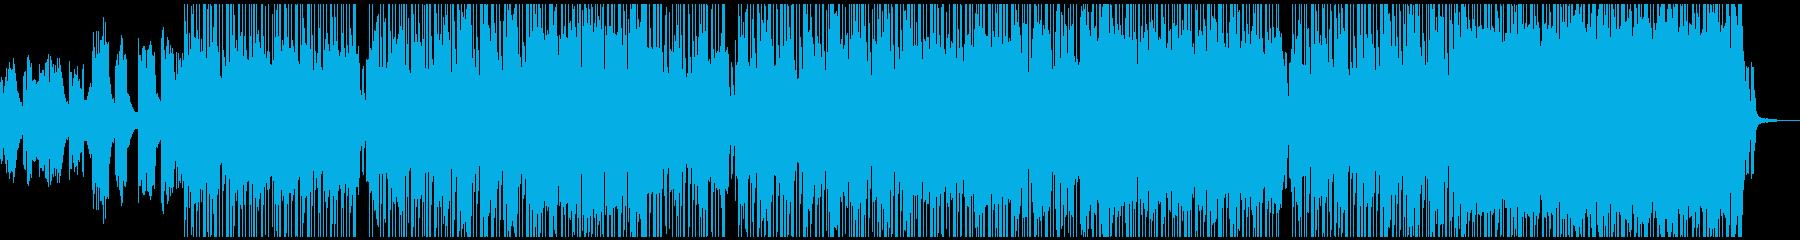 元気いっぱい、軽快なドラムンベースの再生済みの波形